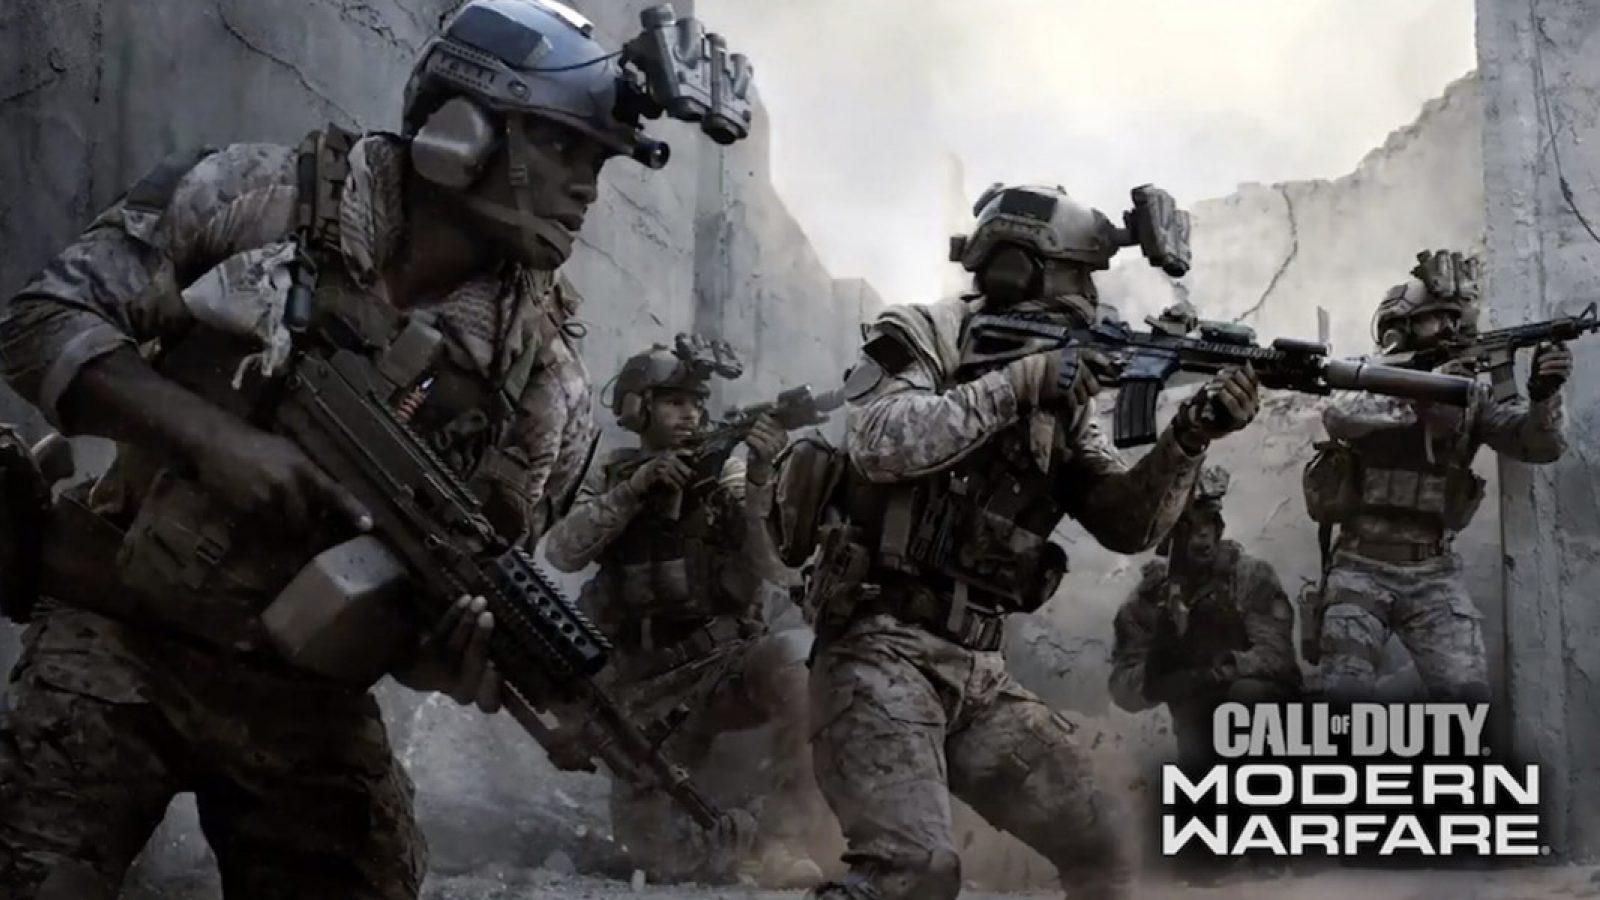 《使命召唤:现代战争》将拥有系列史上最大规模DLC序列